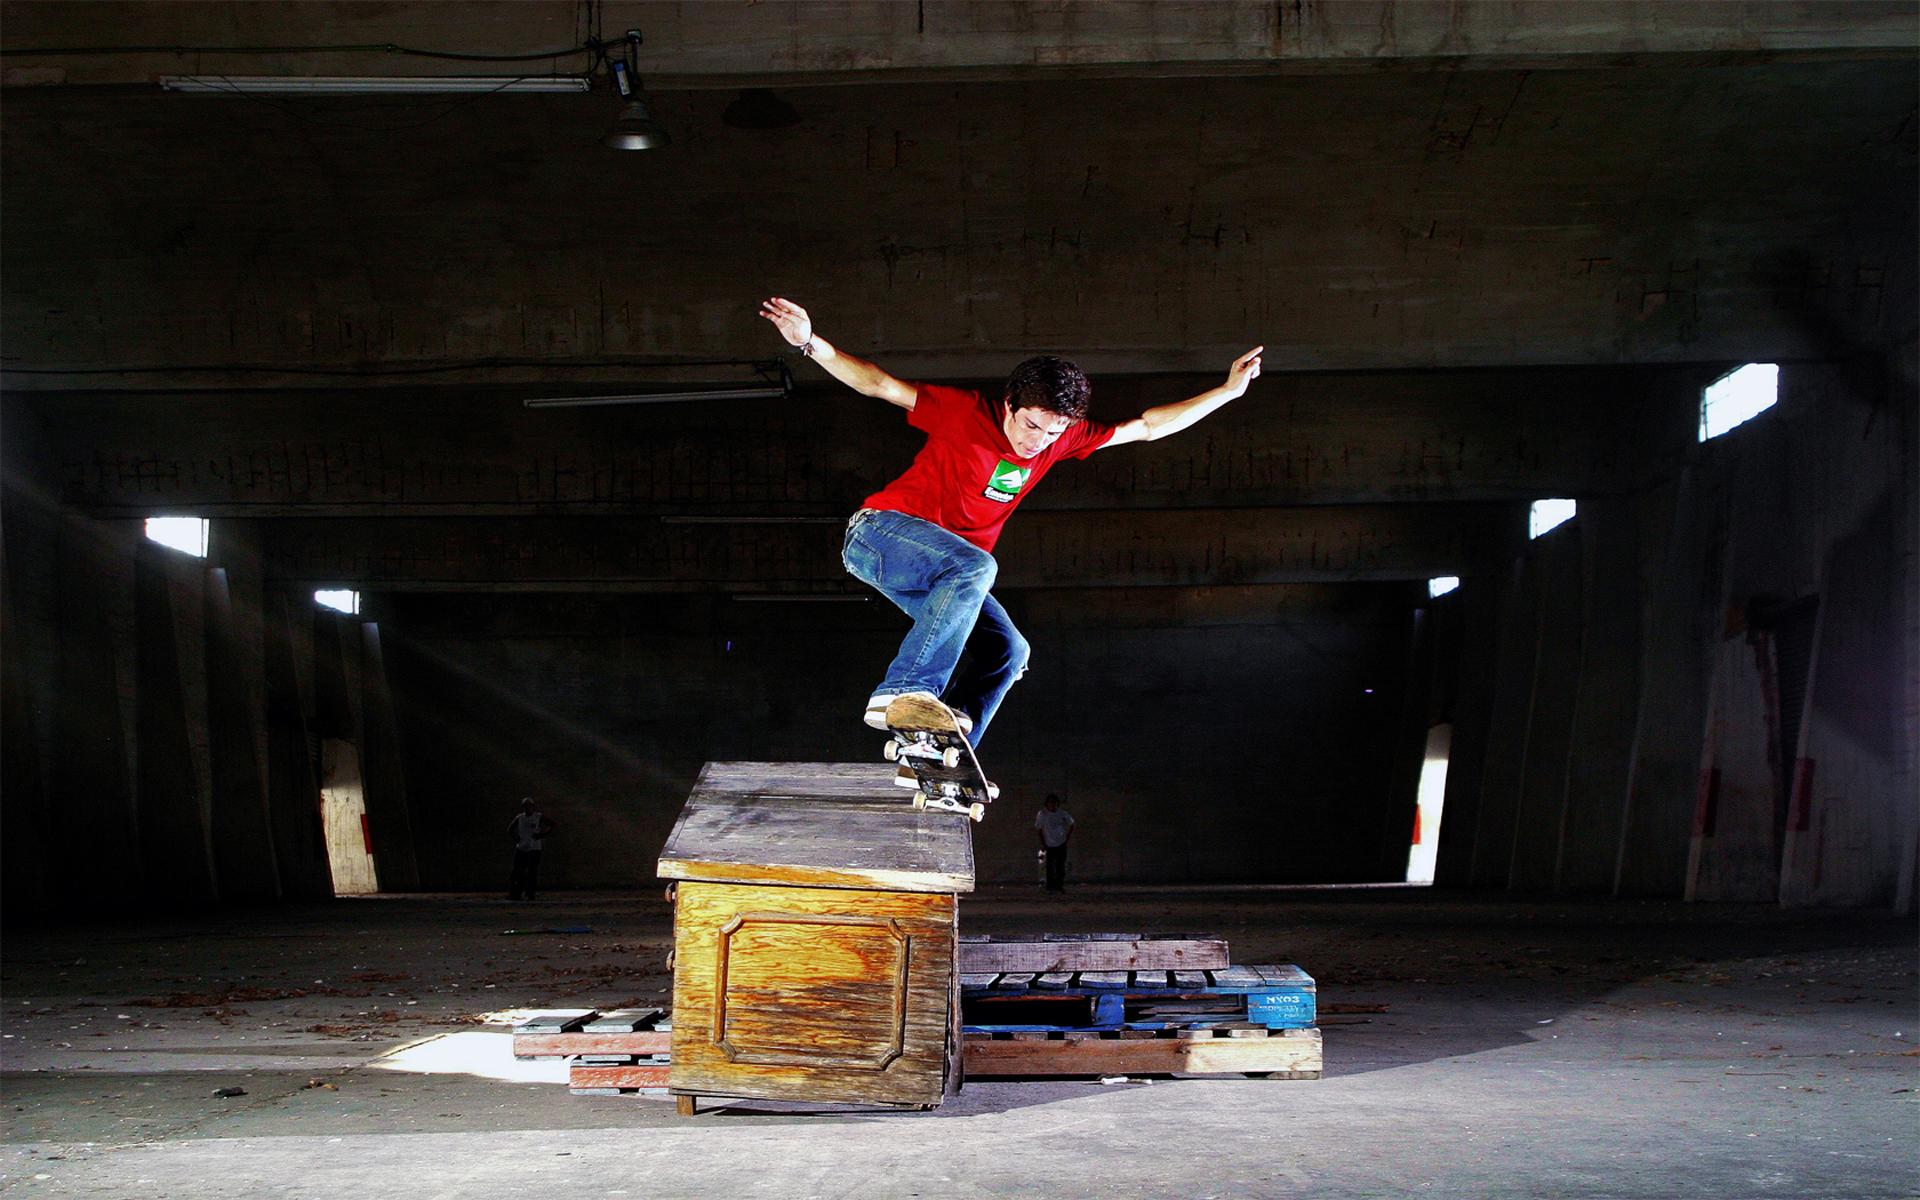 Foto Calidad Alta Skater Riel